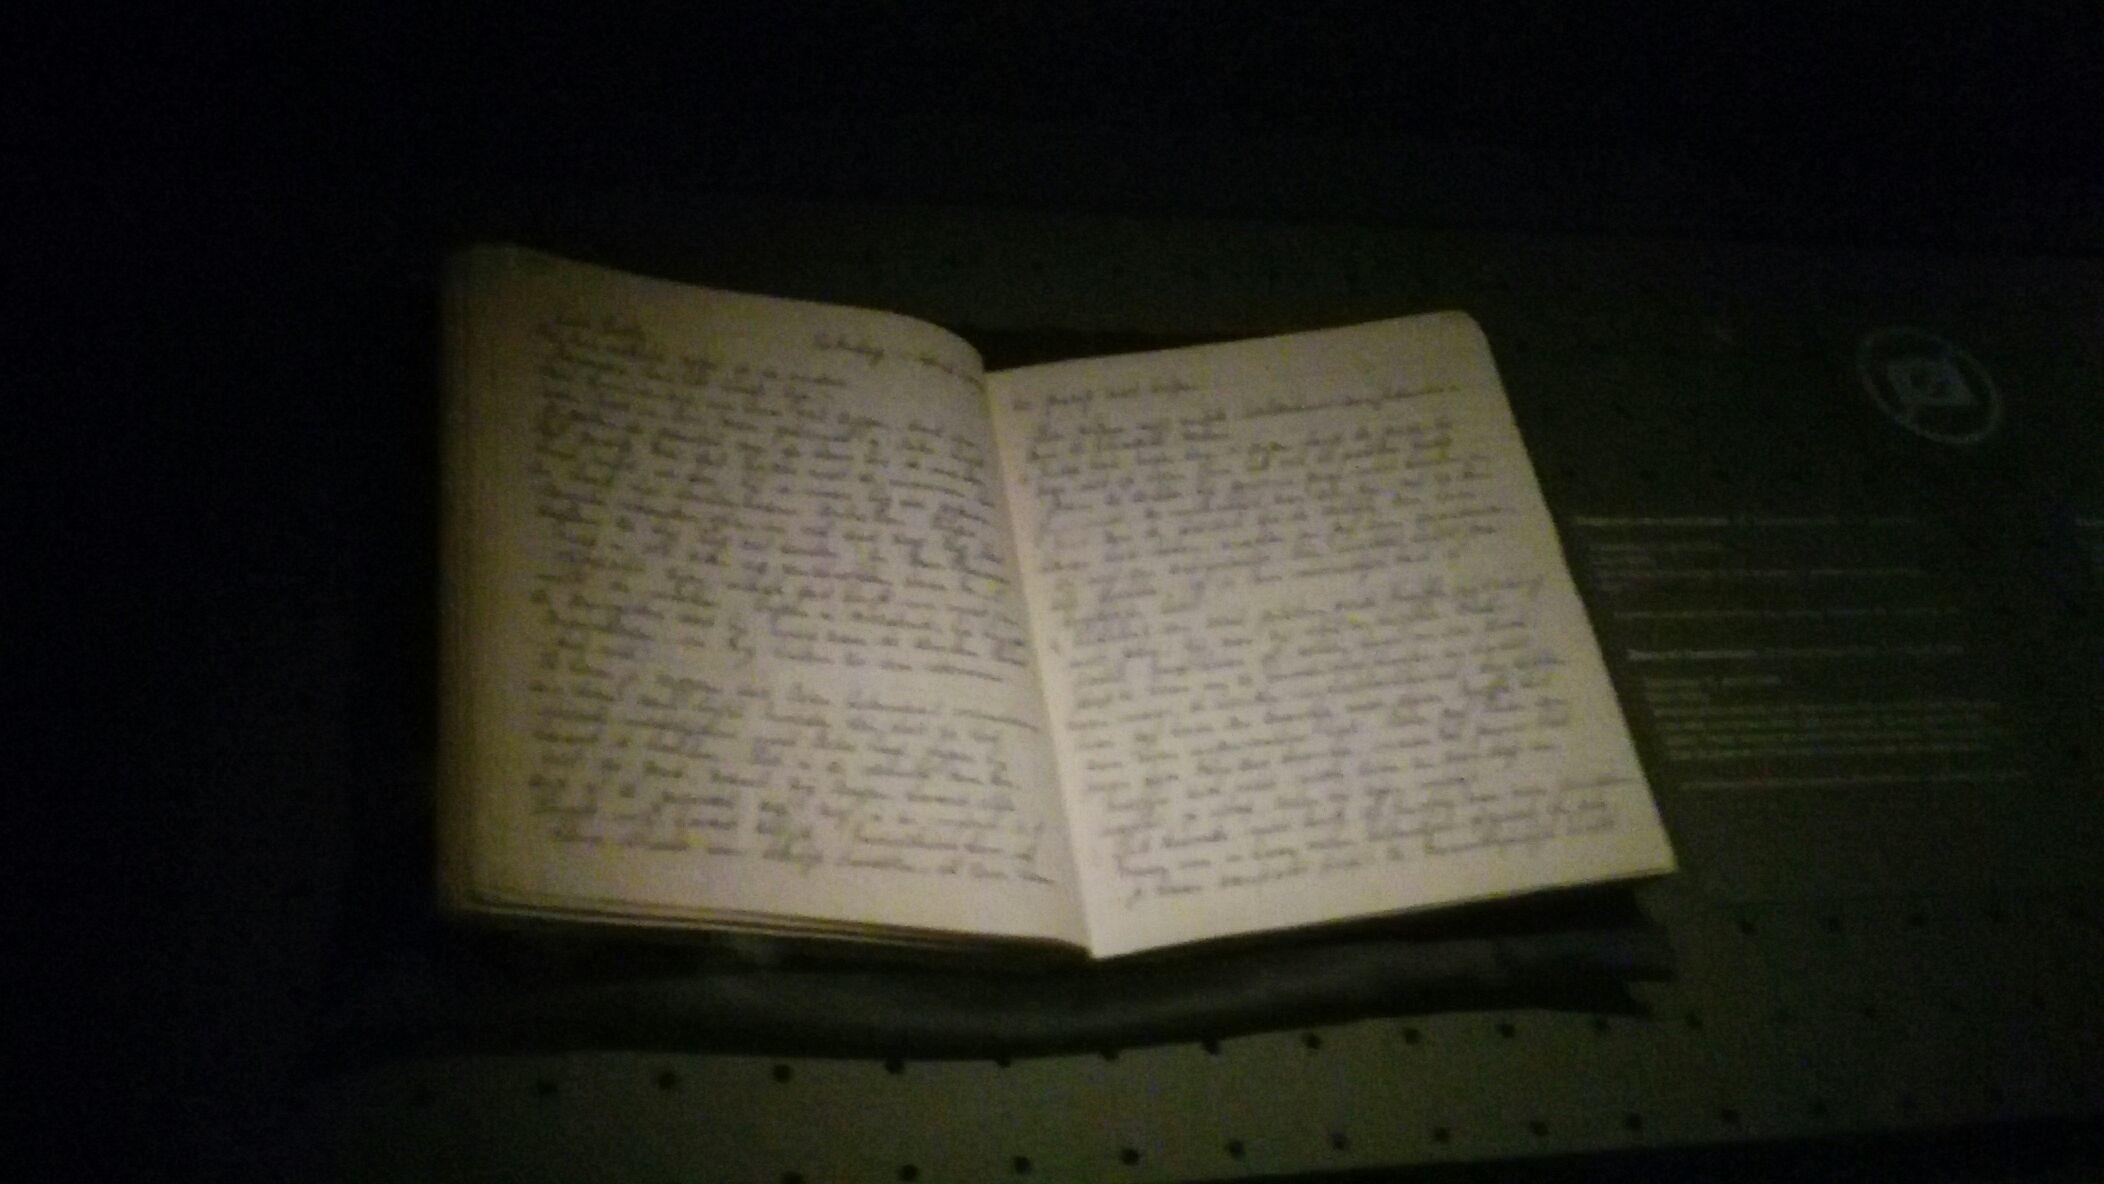 Originale de Il Diario di Anne Frank. Tecnologia e scenografia al servizio di memoria storica e pathos. Impossibile in Italia